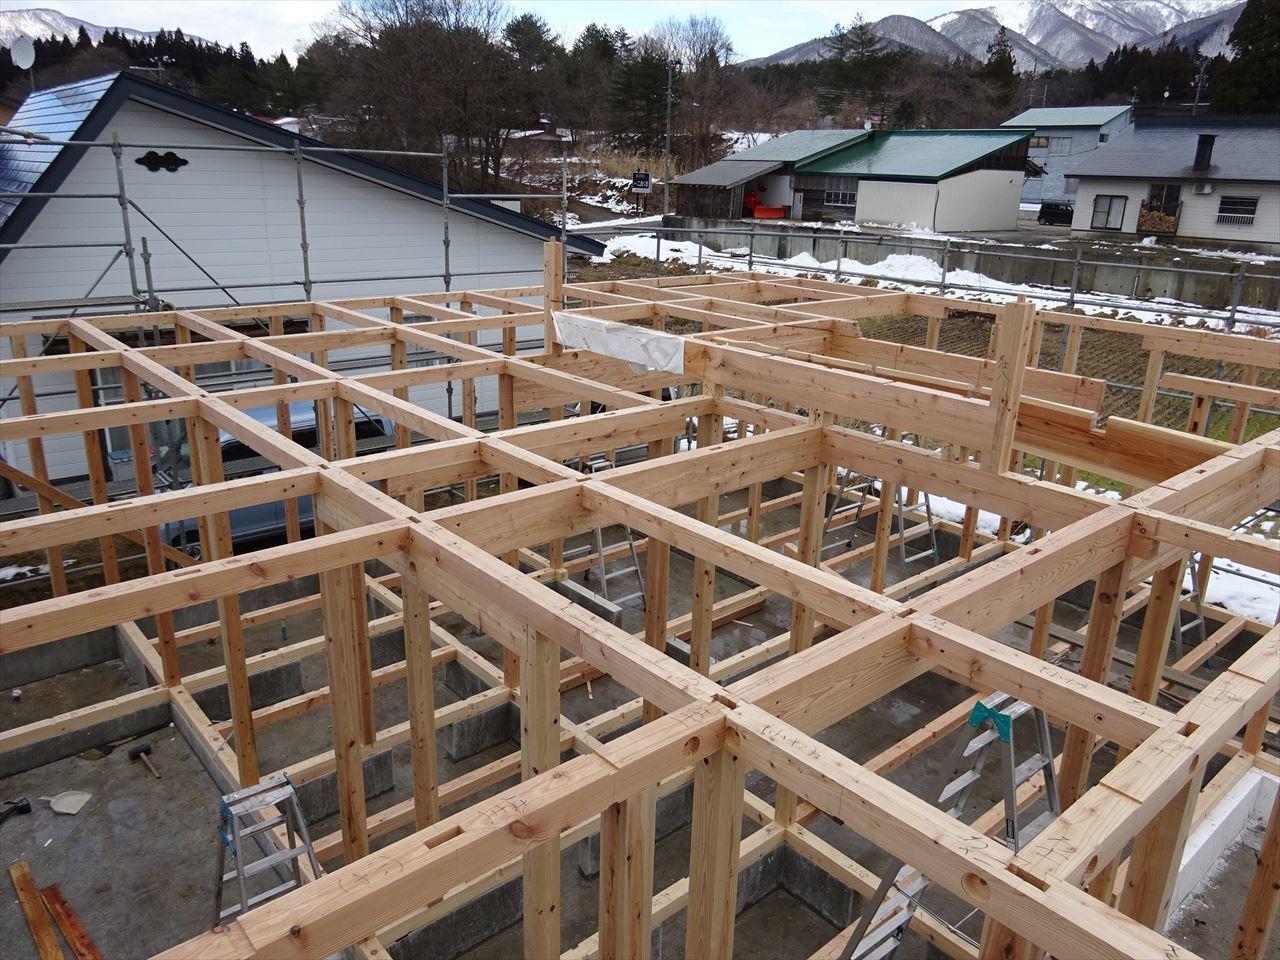 田沢湖の家 現地での建て方作業開始です!_f0105112_04474921.jpg